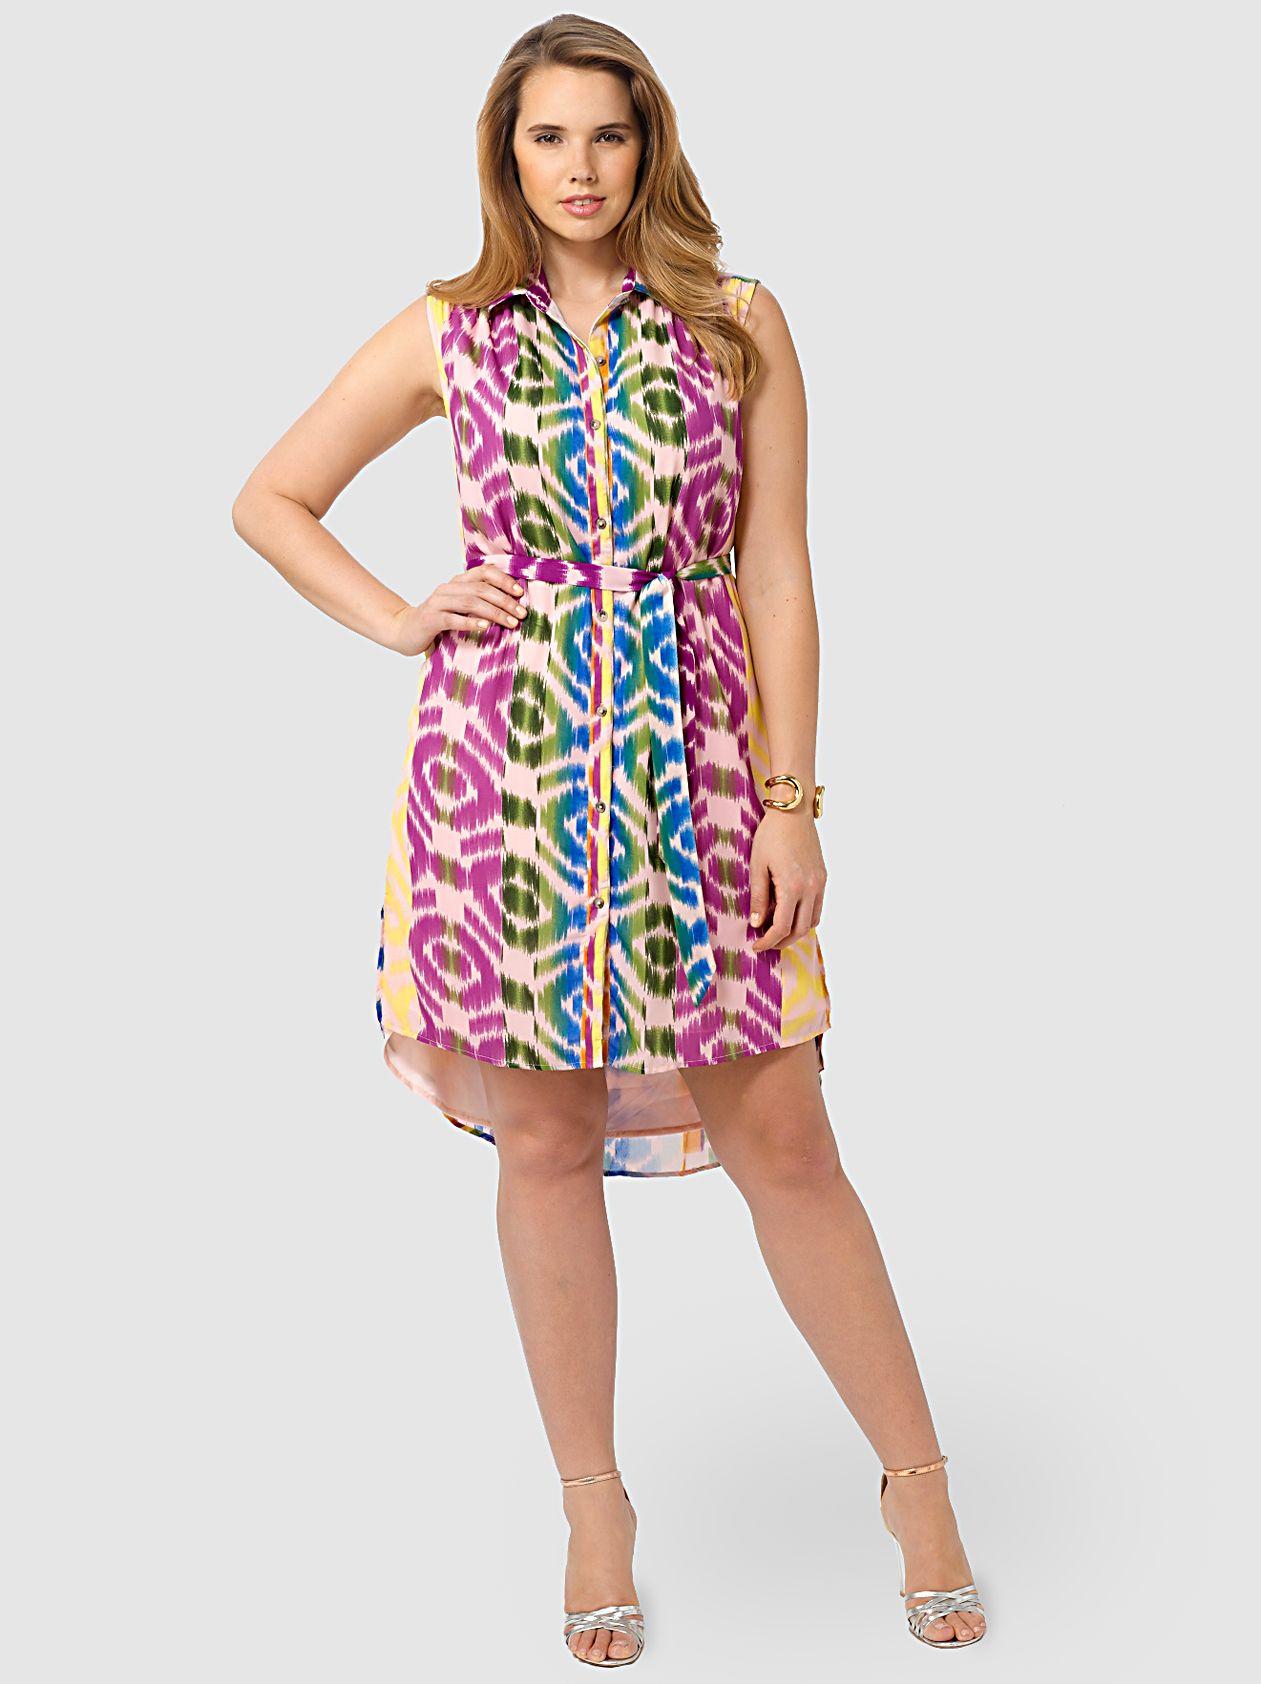 0d03c3e5852 Multi Color Bohemian Dress by Postcards